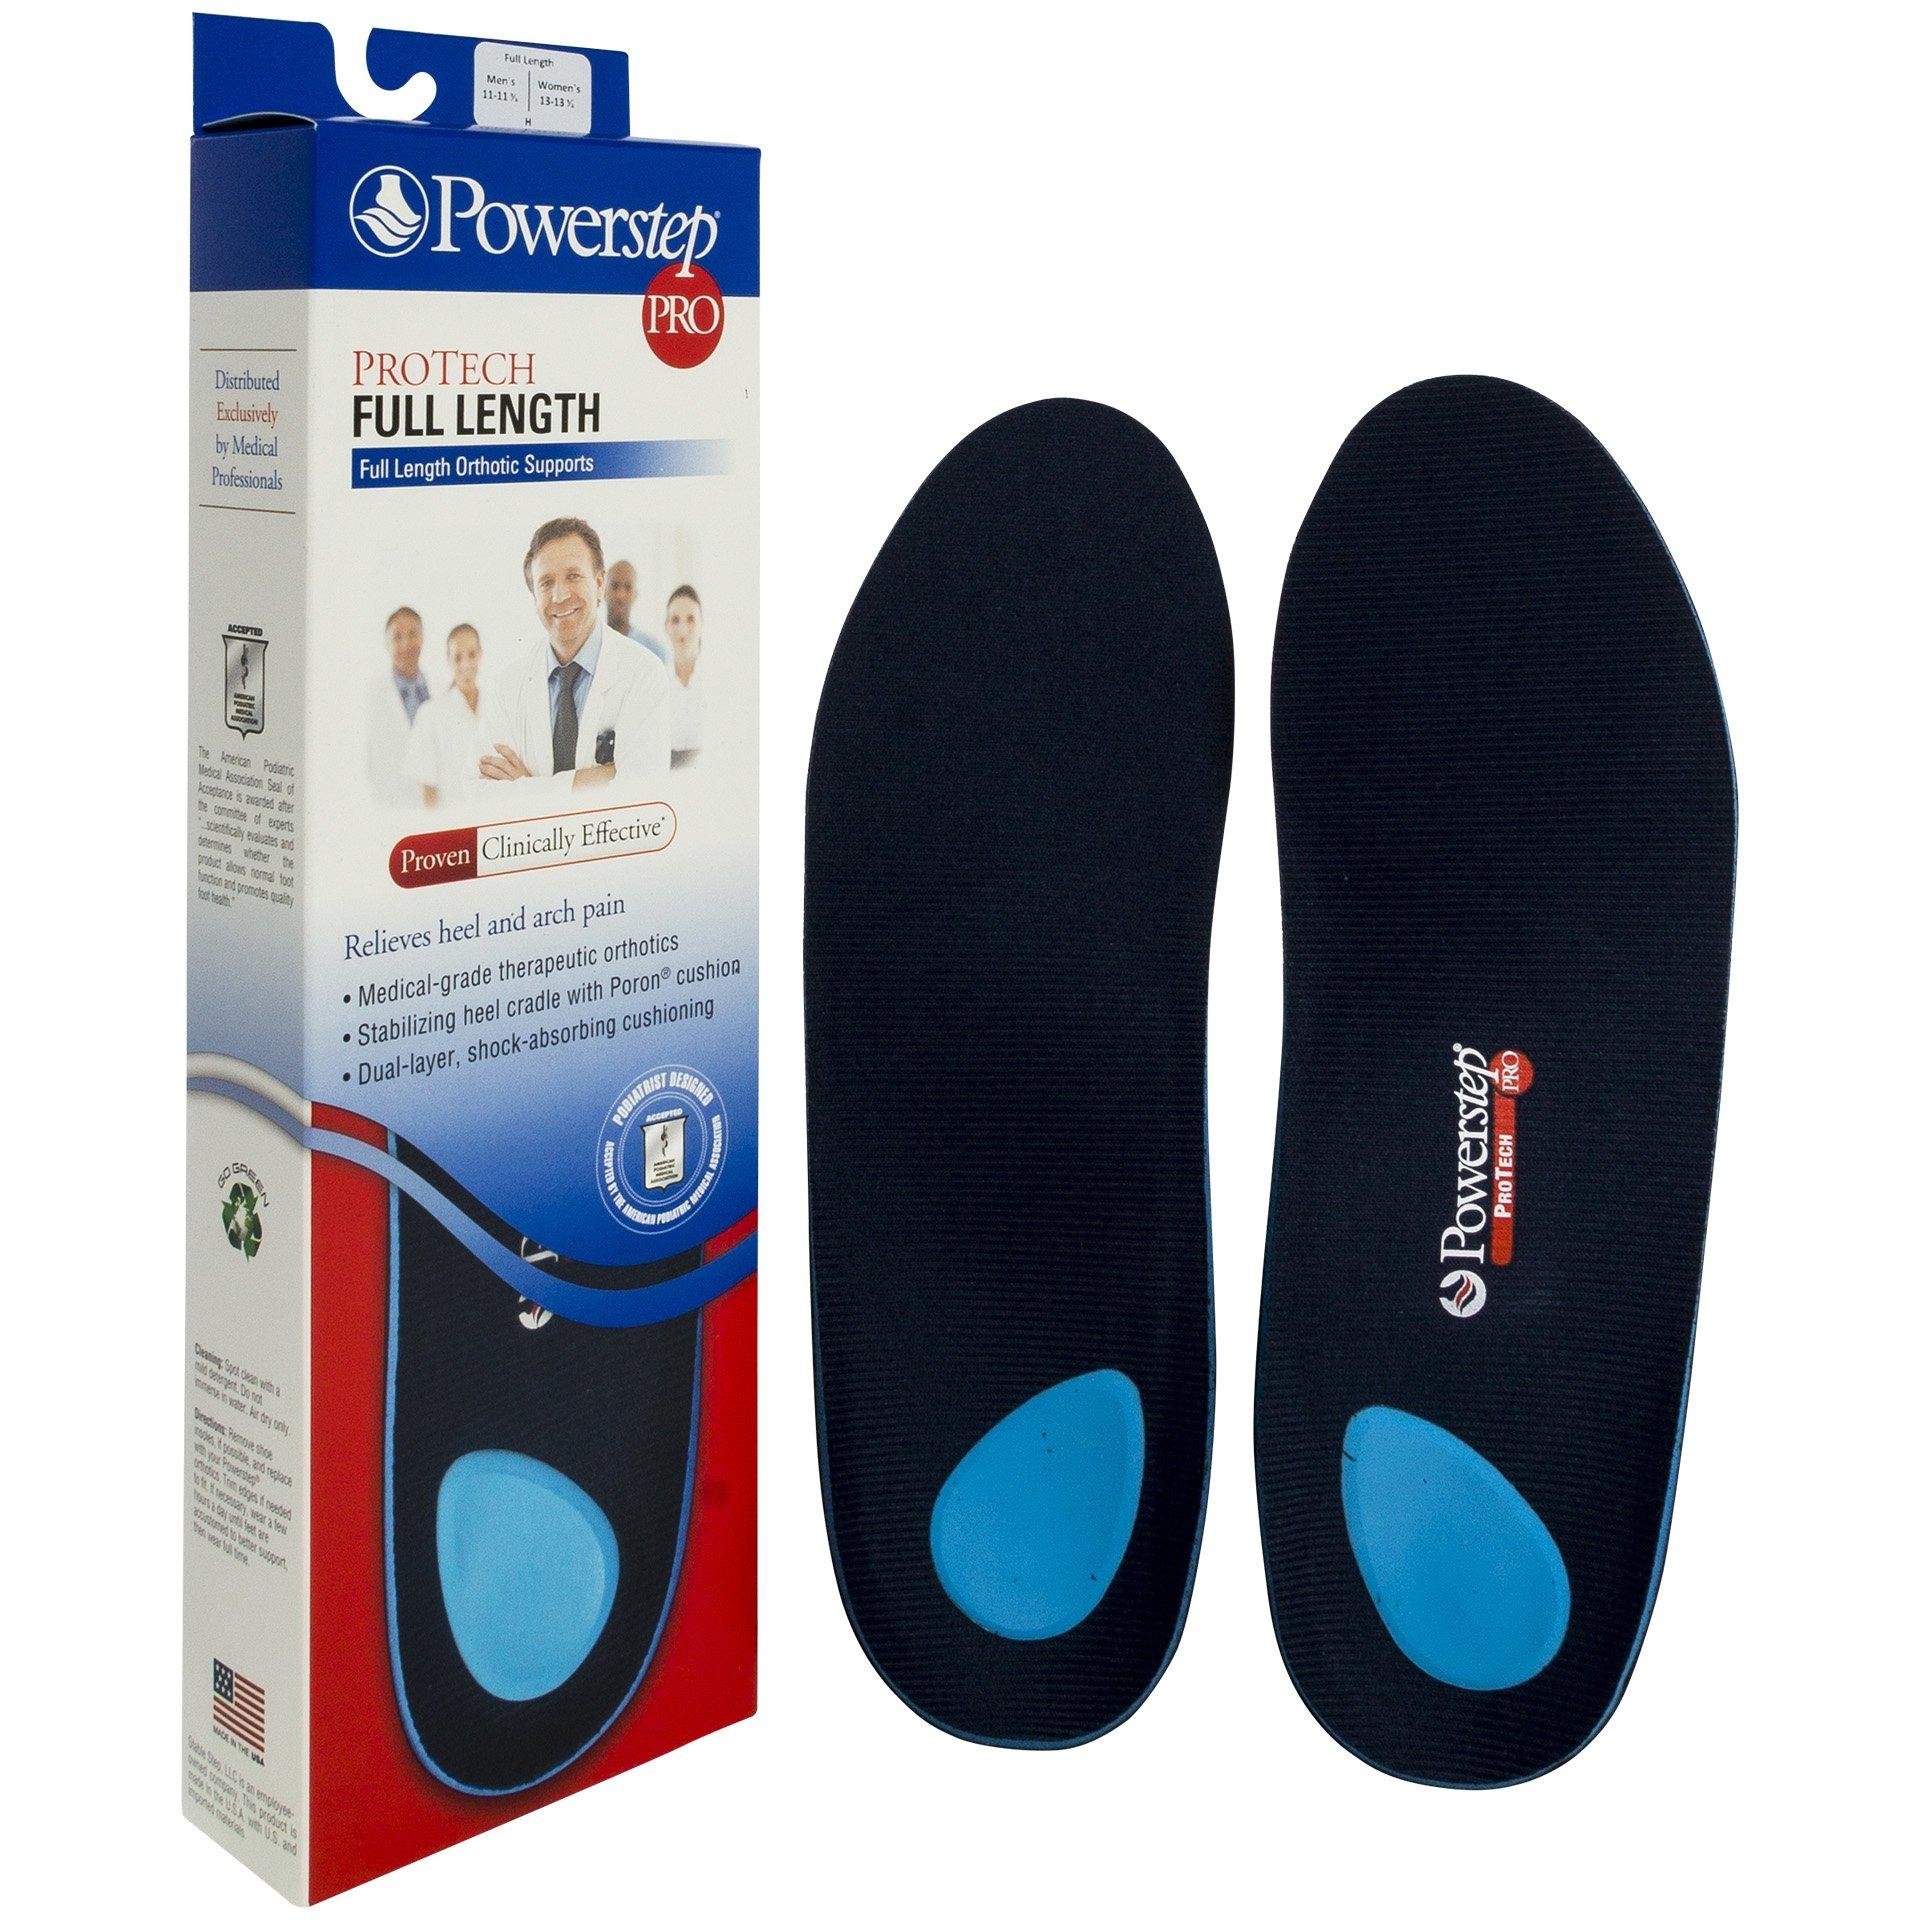 Powerstep® ProTech Full Length H:Men's 11-11 1/2, Women's 13-13 1/2